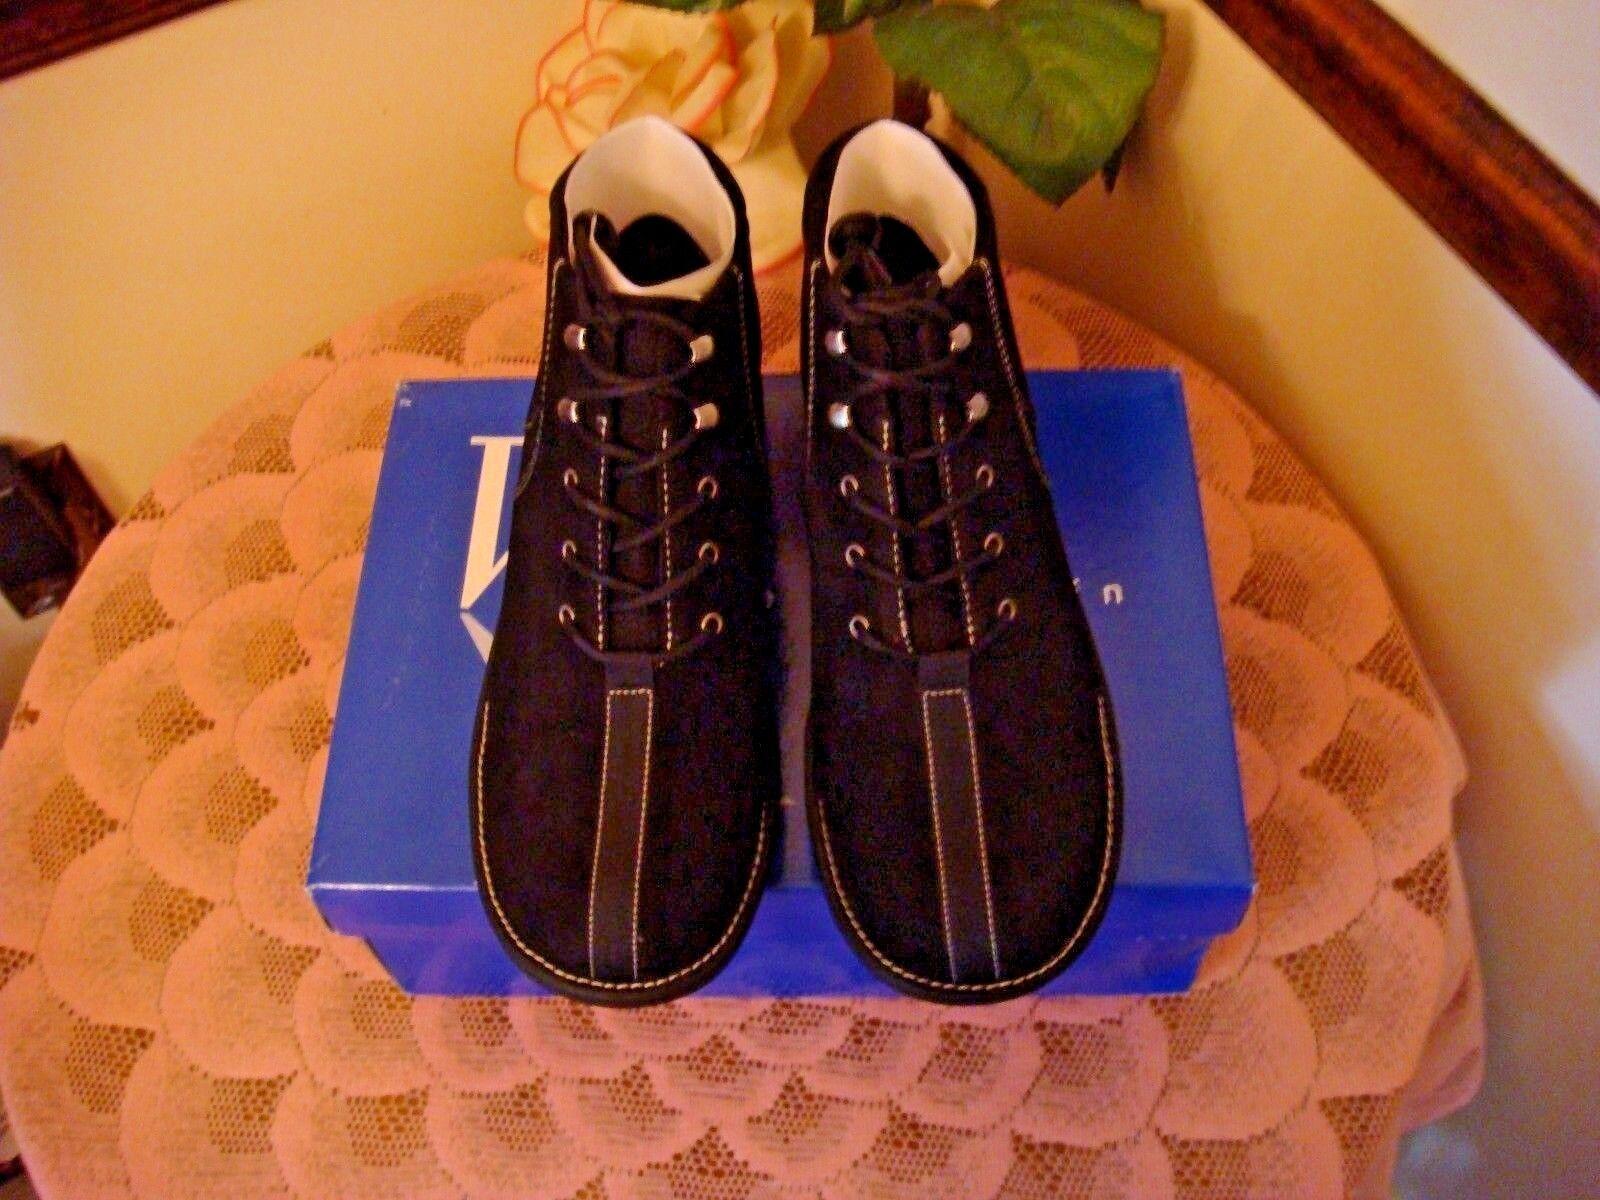 blanco Mountain de cuero nobuck resistente al al al agua botas al tobillo con Cordones Negro 9 1 2  precios mas baratos